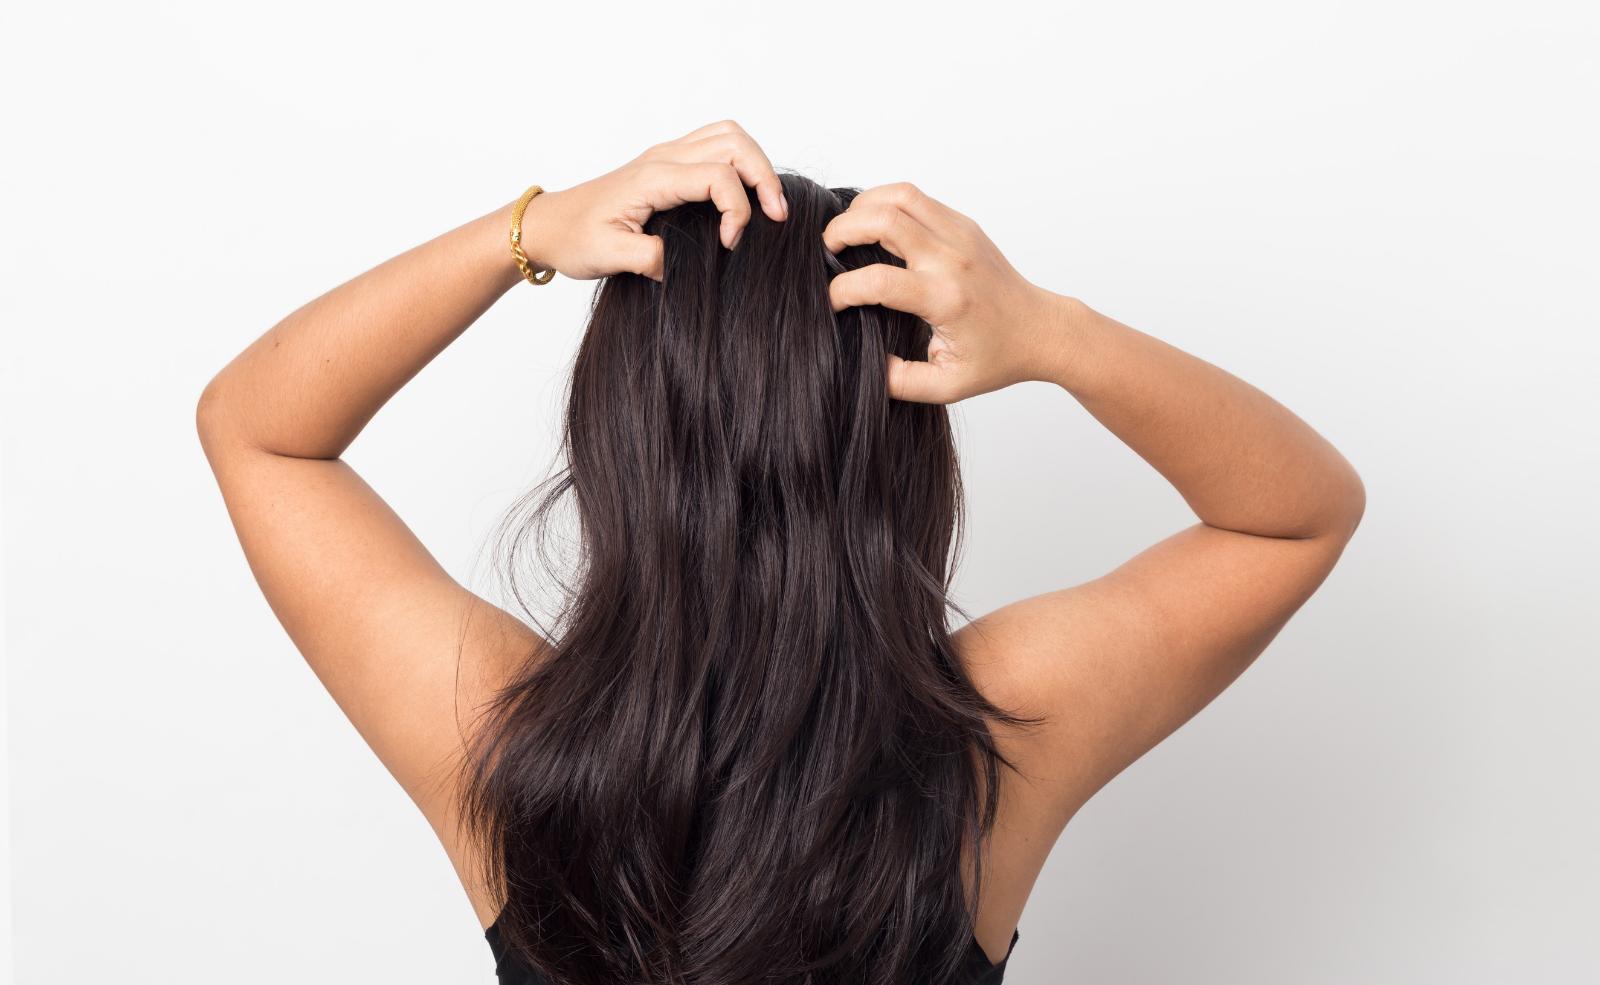 Ist Trockenshampoo schlecht für die Haare?